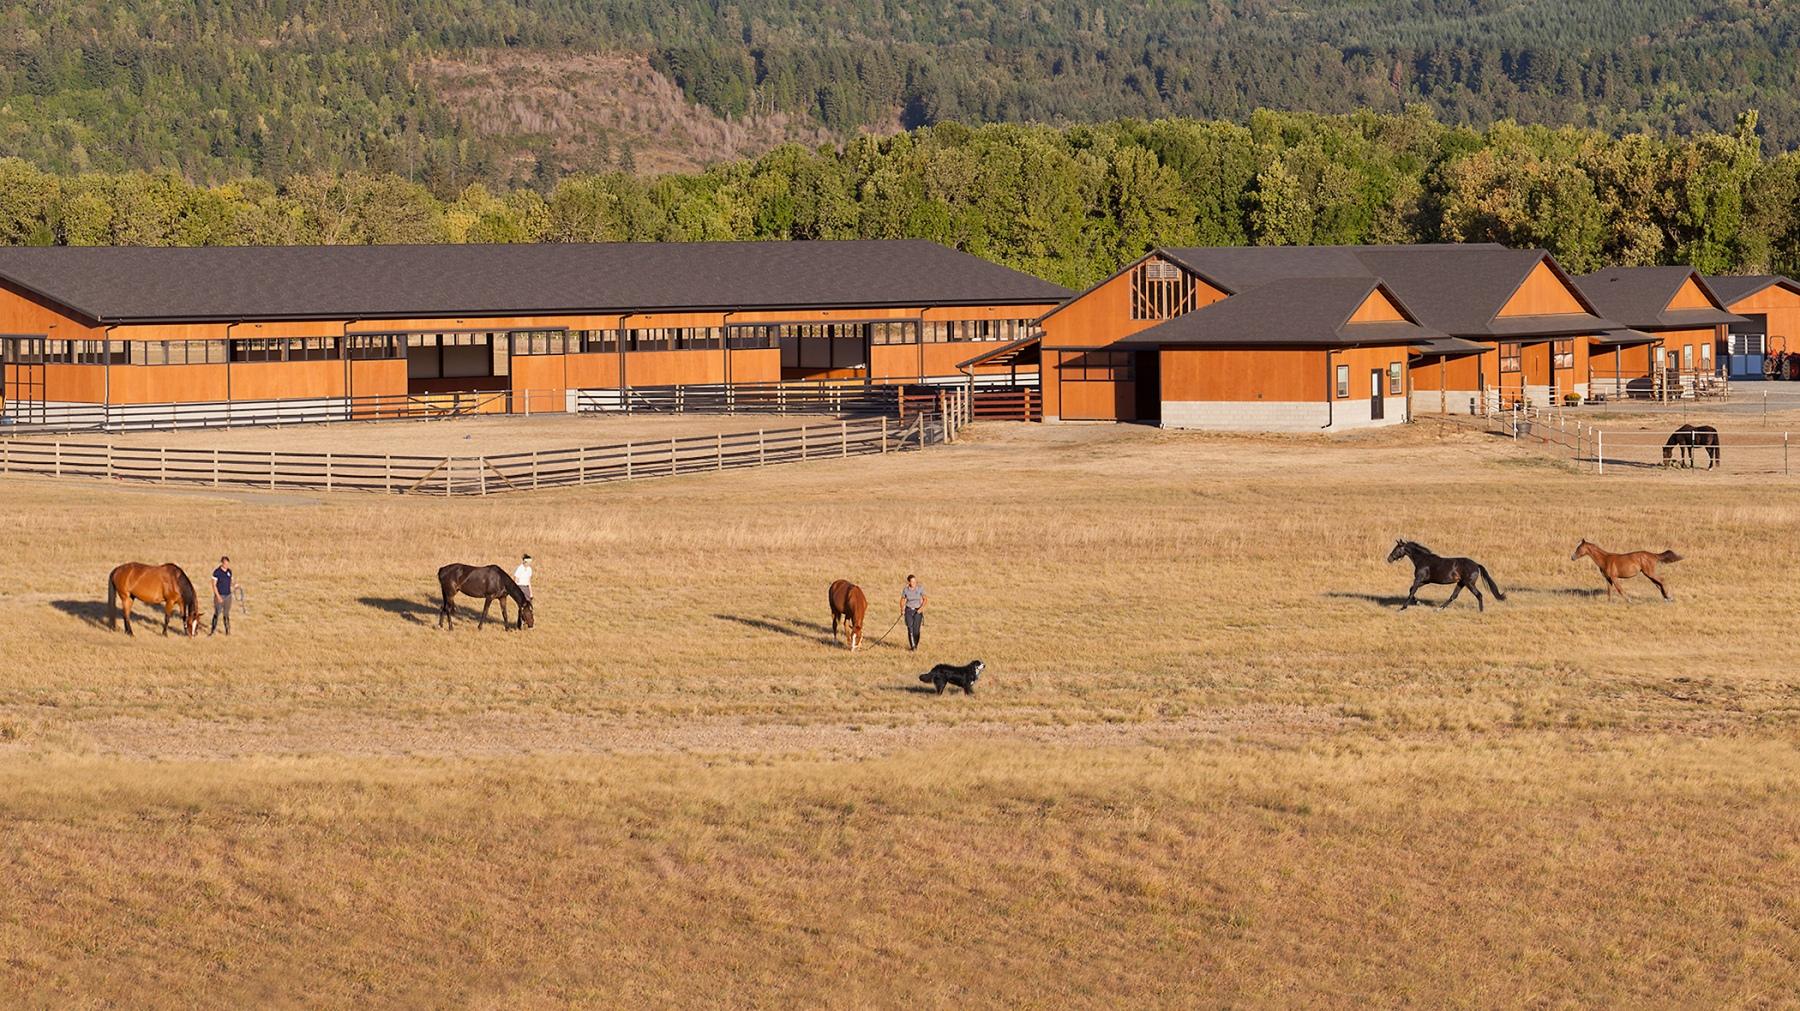 Silver Tail Farm Environmental